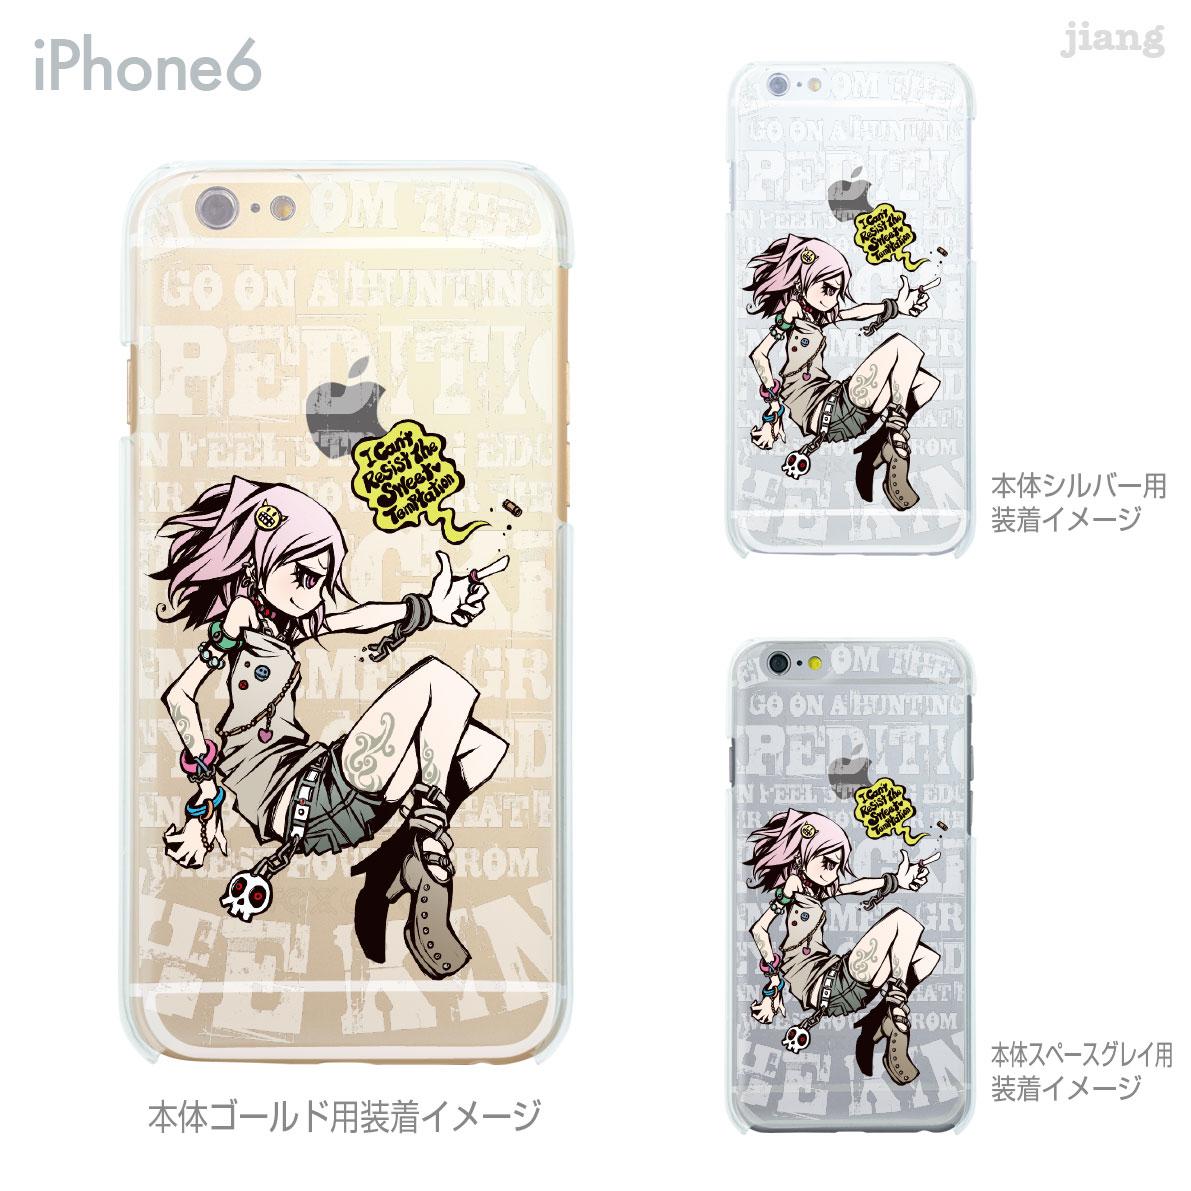 iPhoneX iPhone X ケース iPhone8 iPhone7ケース iPhone7 Plus iPhone6s iPhone6 Plus iphone ハードケース Clear Arts ケース カバー スマホケース クリアケース Project.C.K. BANG 11-ip6-ca0002-s